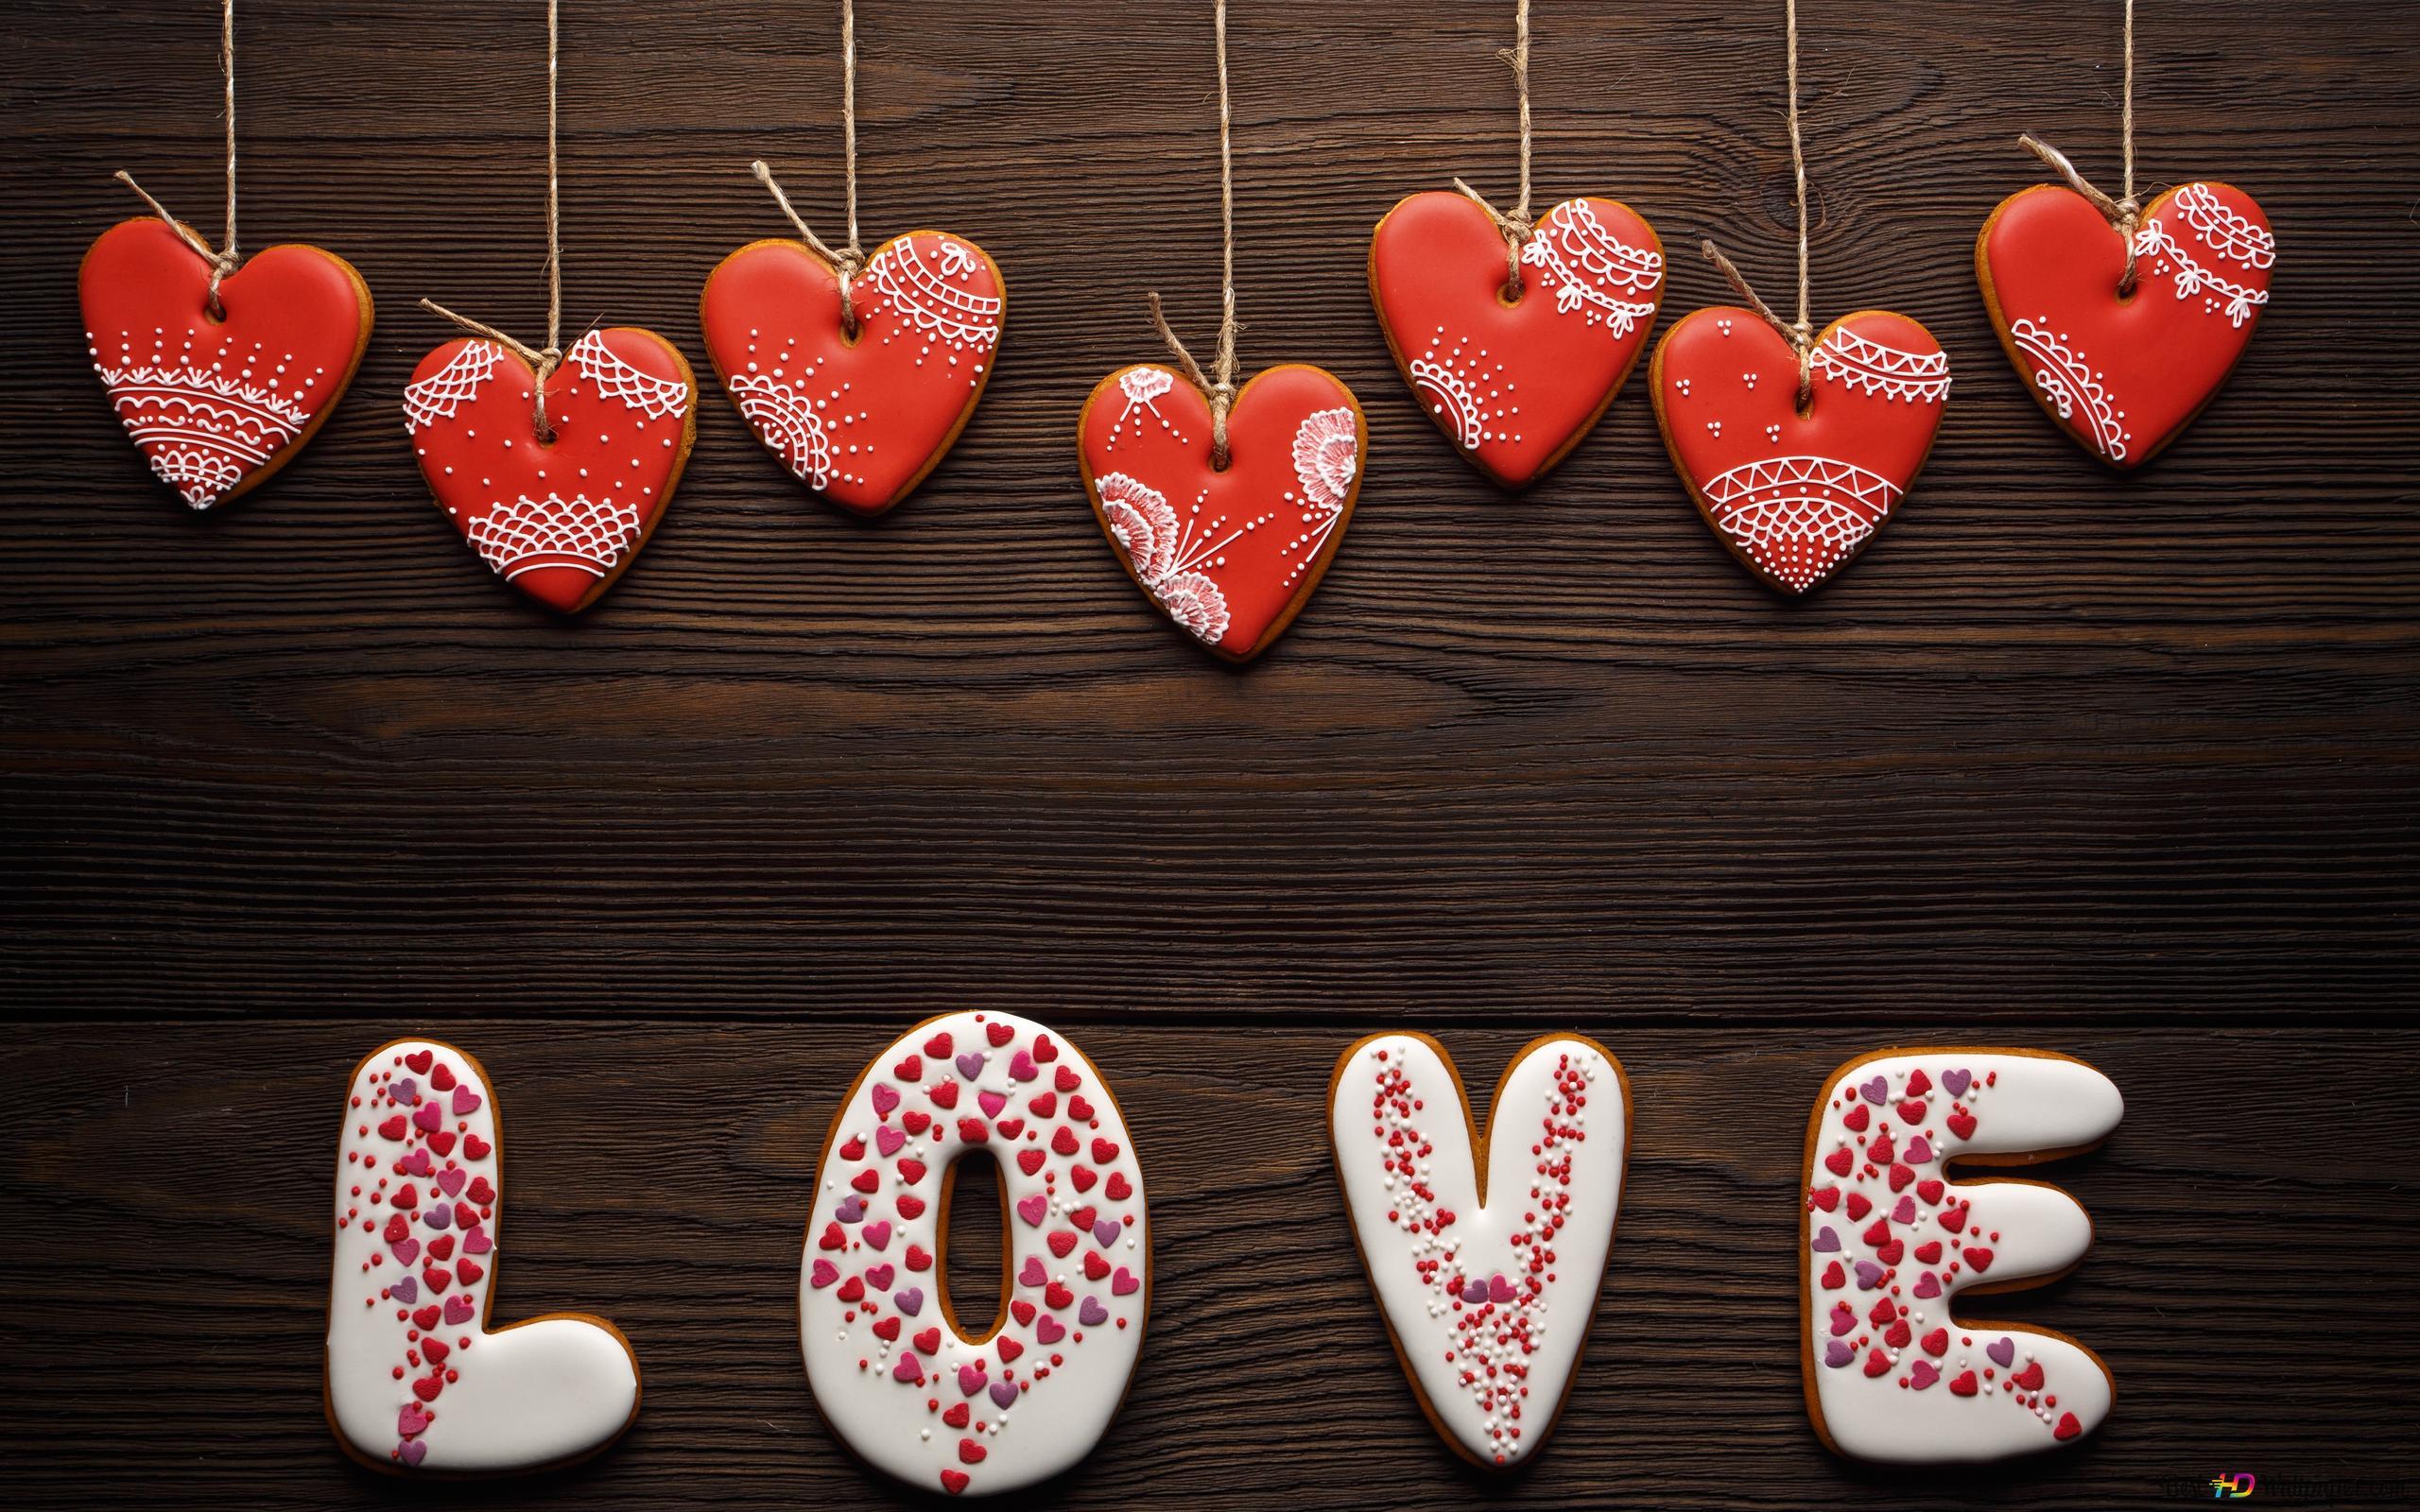 ハート型愛のケーキキャンディ hd壁紙のダウンロード